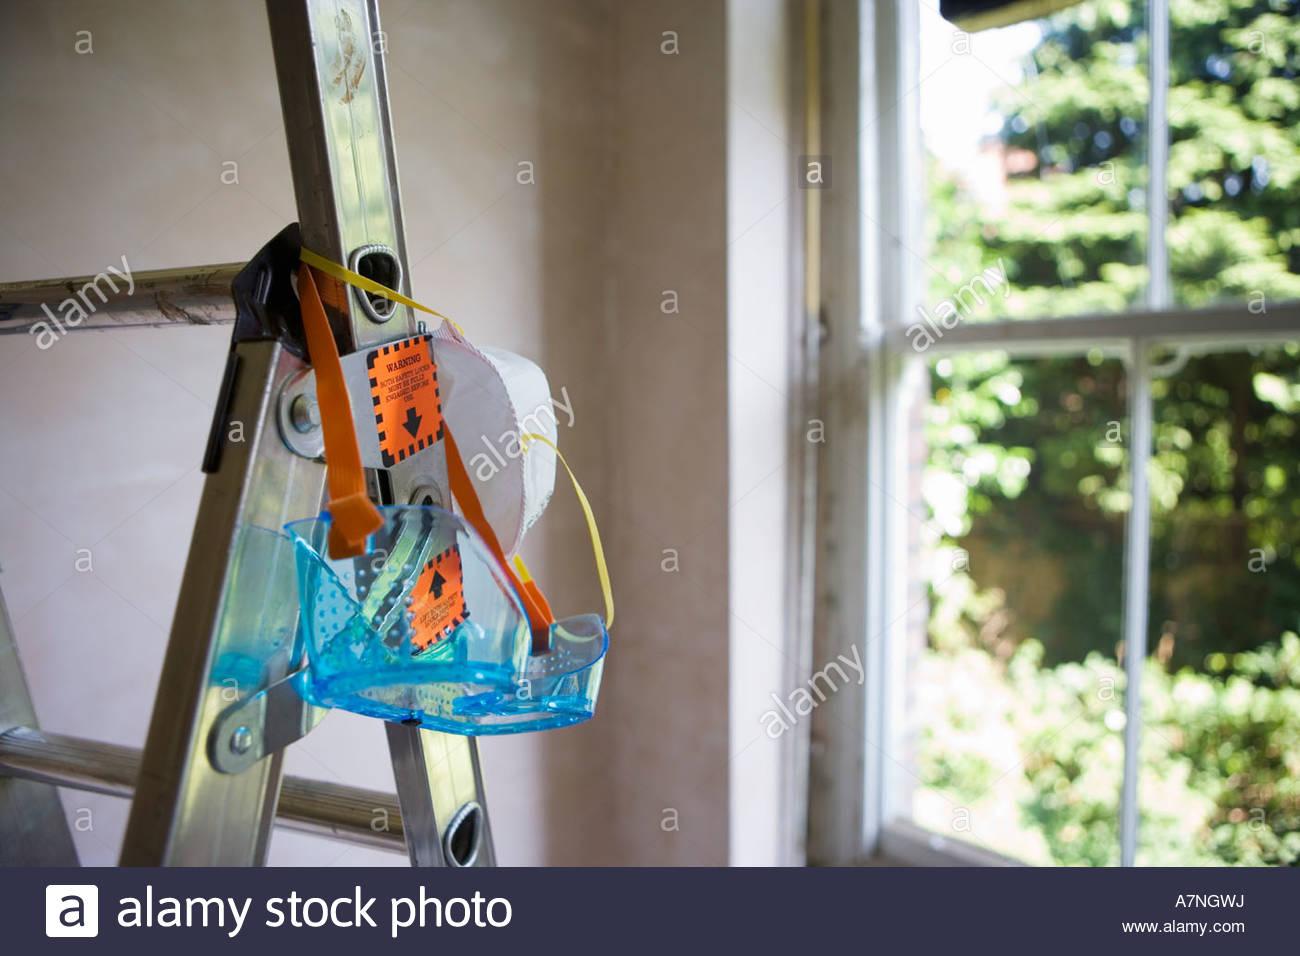 Des lunettes de protection et un masque anti-poussière accrochée à l'escabeau dans la fenêtre Photo Stock